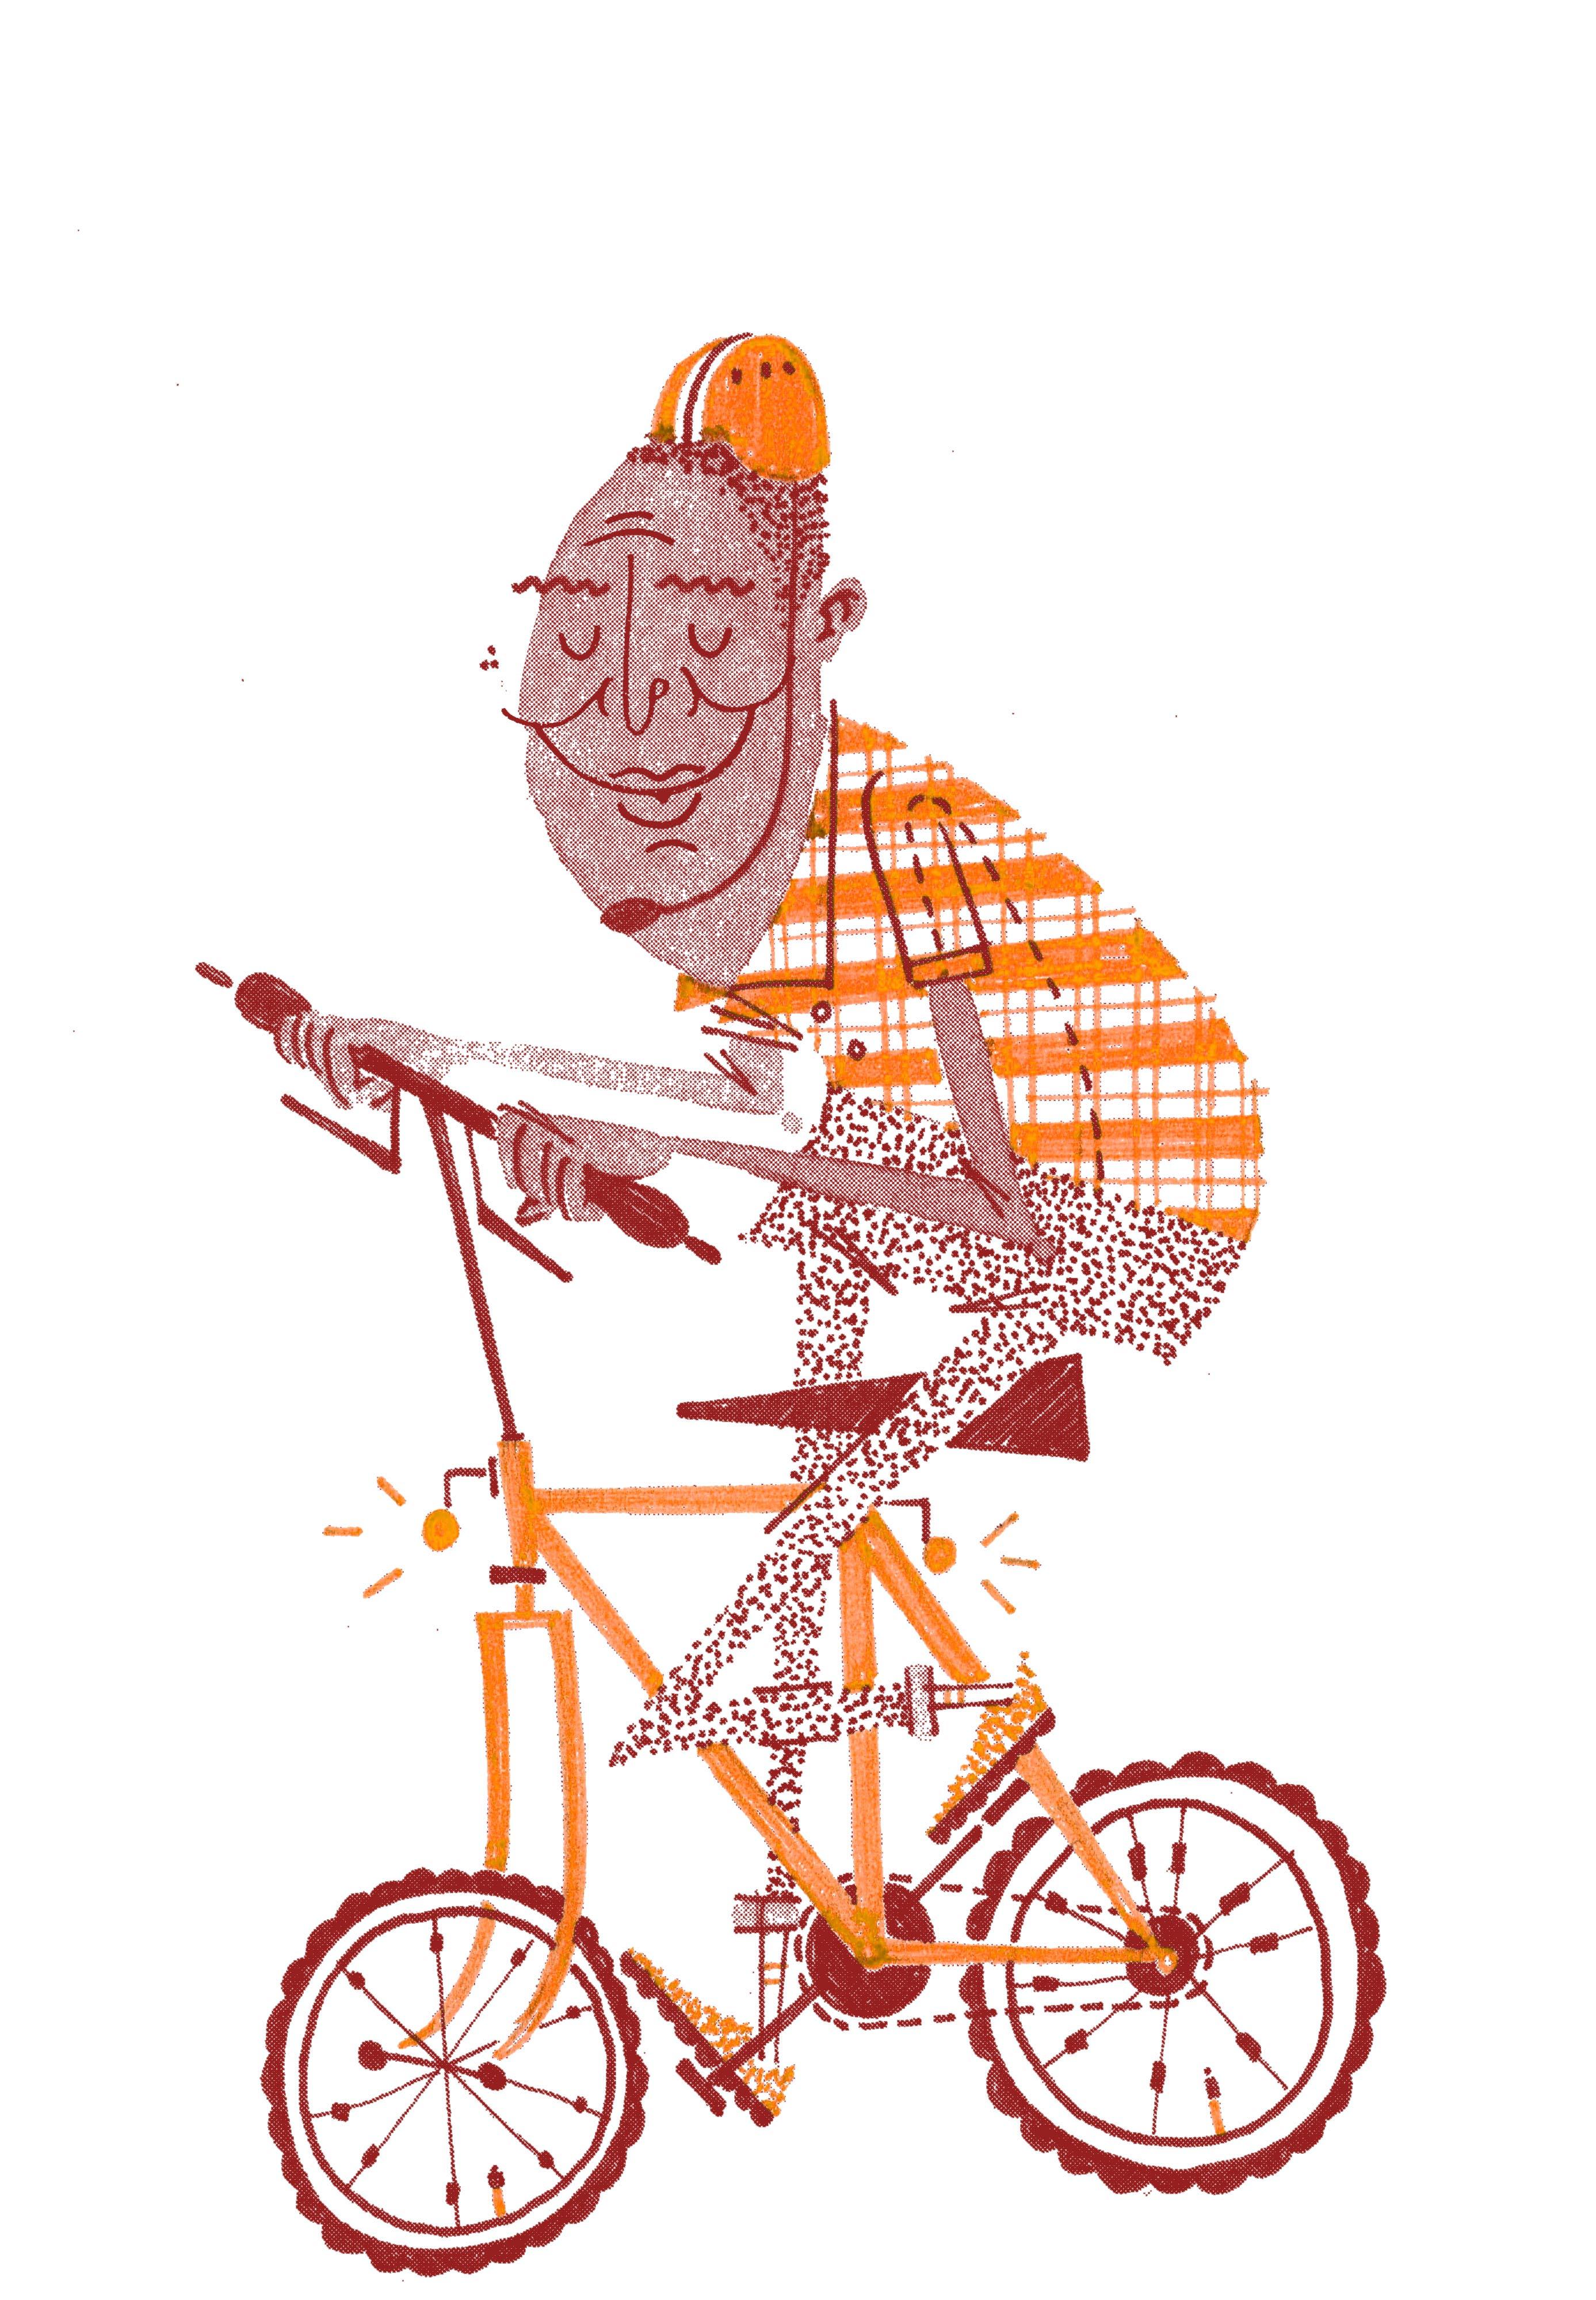 Duder_On_Bike